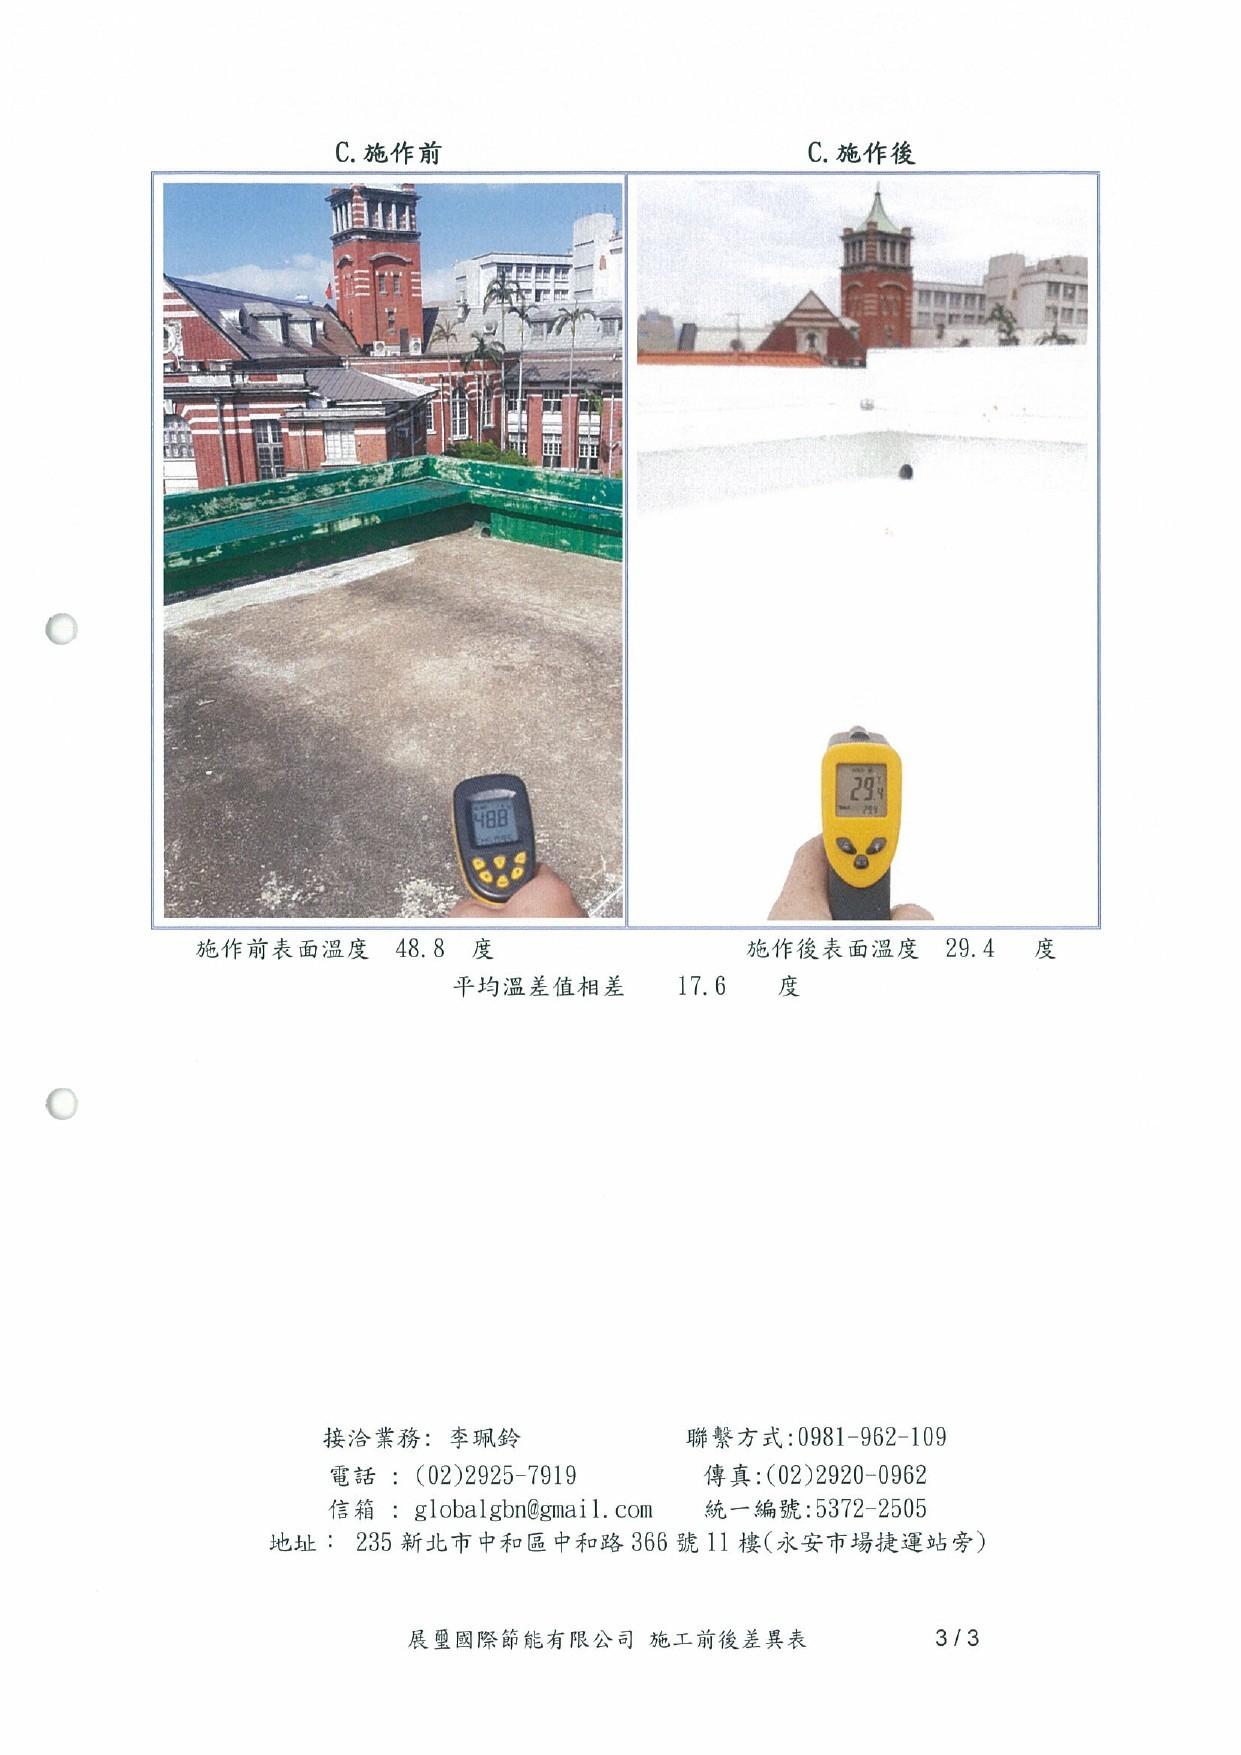 經濟部國貿局(水泥)-4